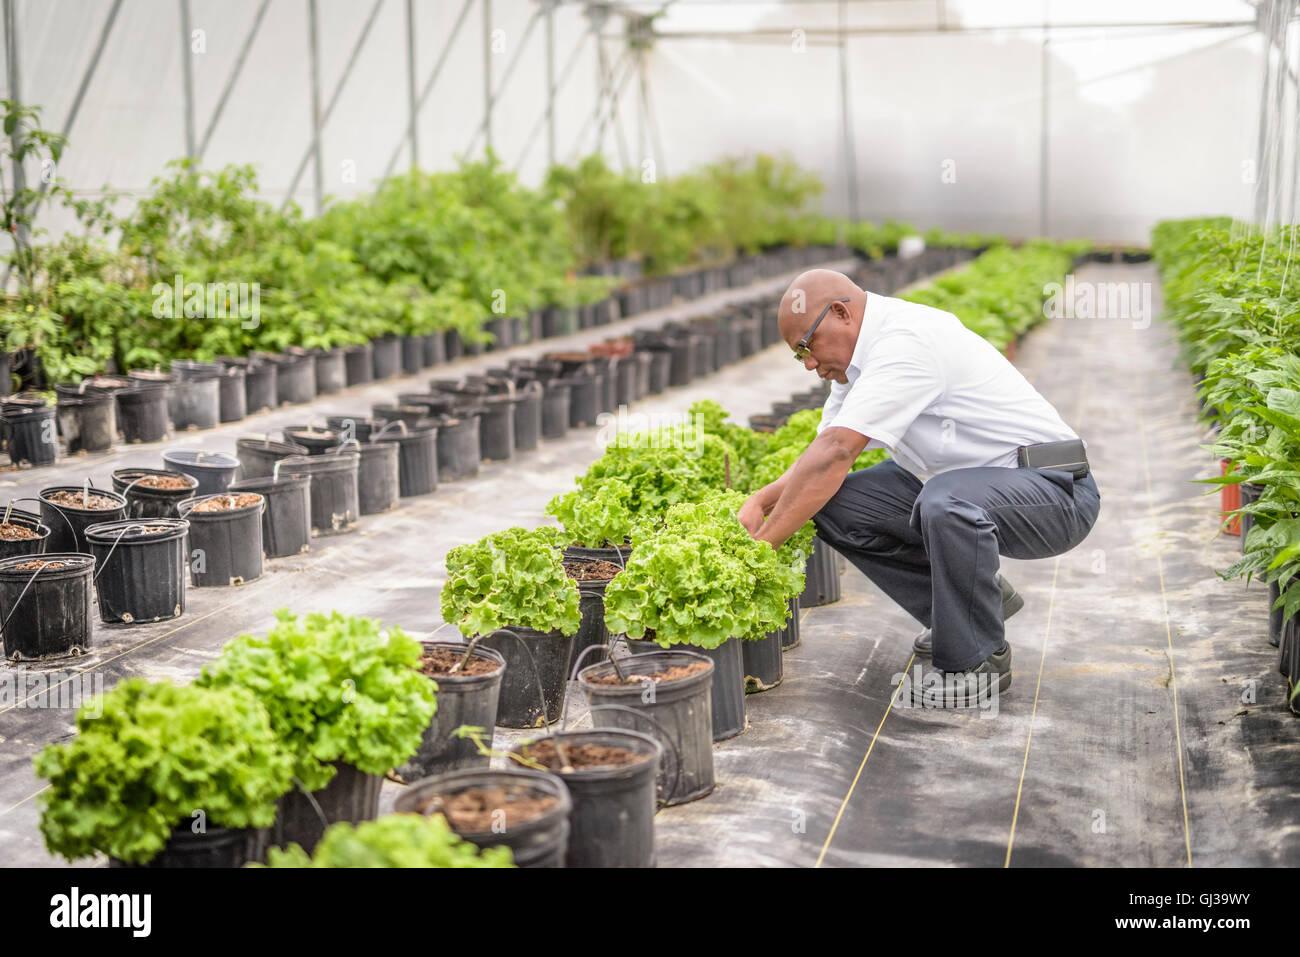 Manager, die Inspektion Kopfsalat Pflanzen in Hydrokultur Bauernhof in Nevis, West Indies Stockfoto